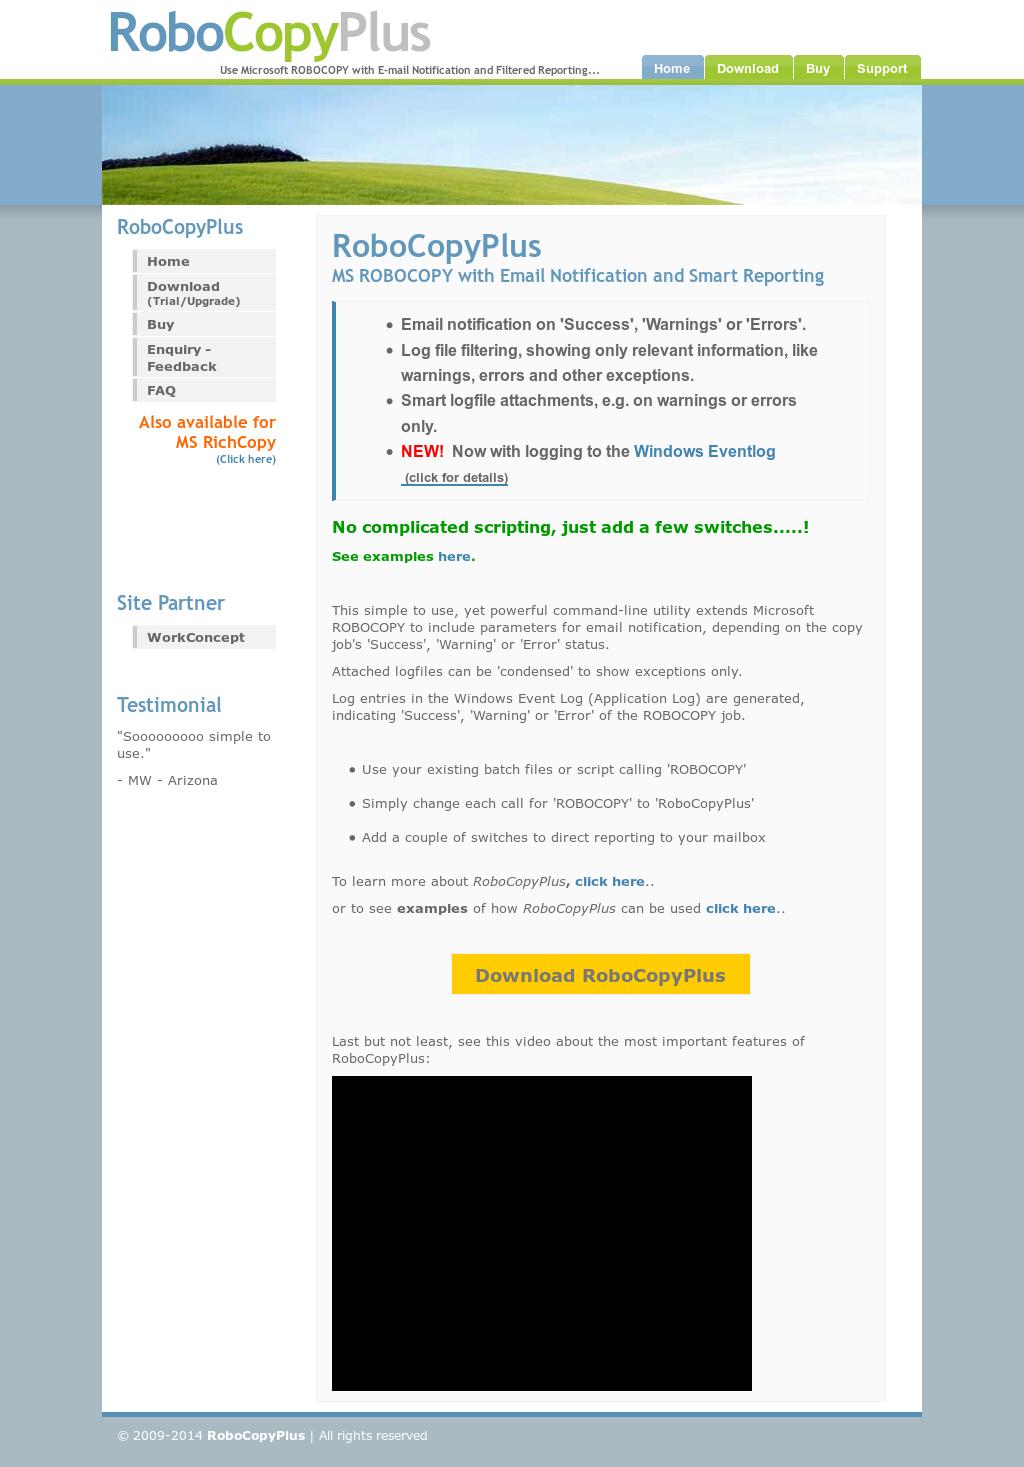 Robocopyplus Competitors, Revenue and Employees - Owler